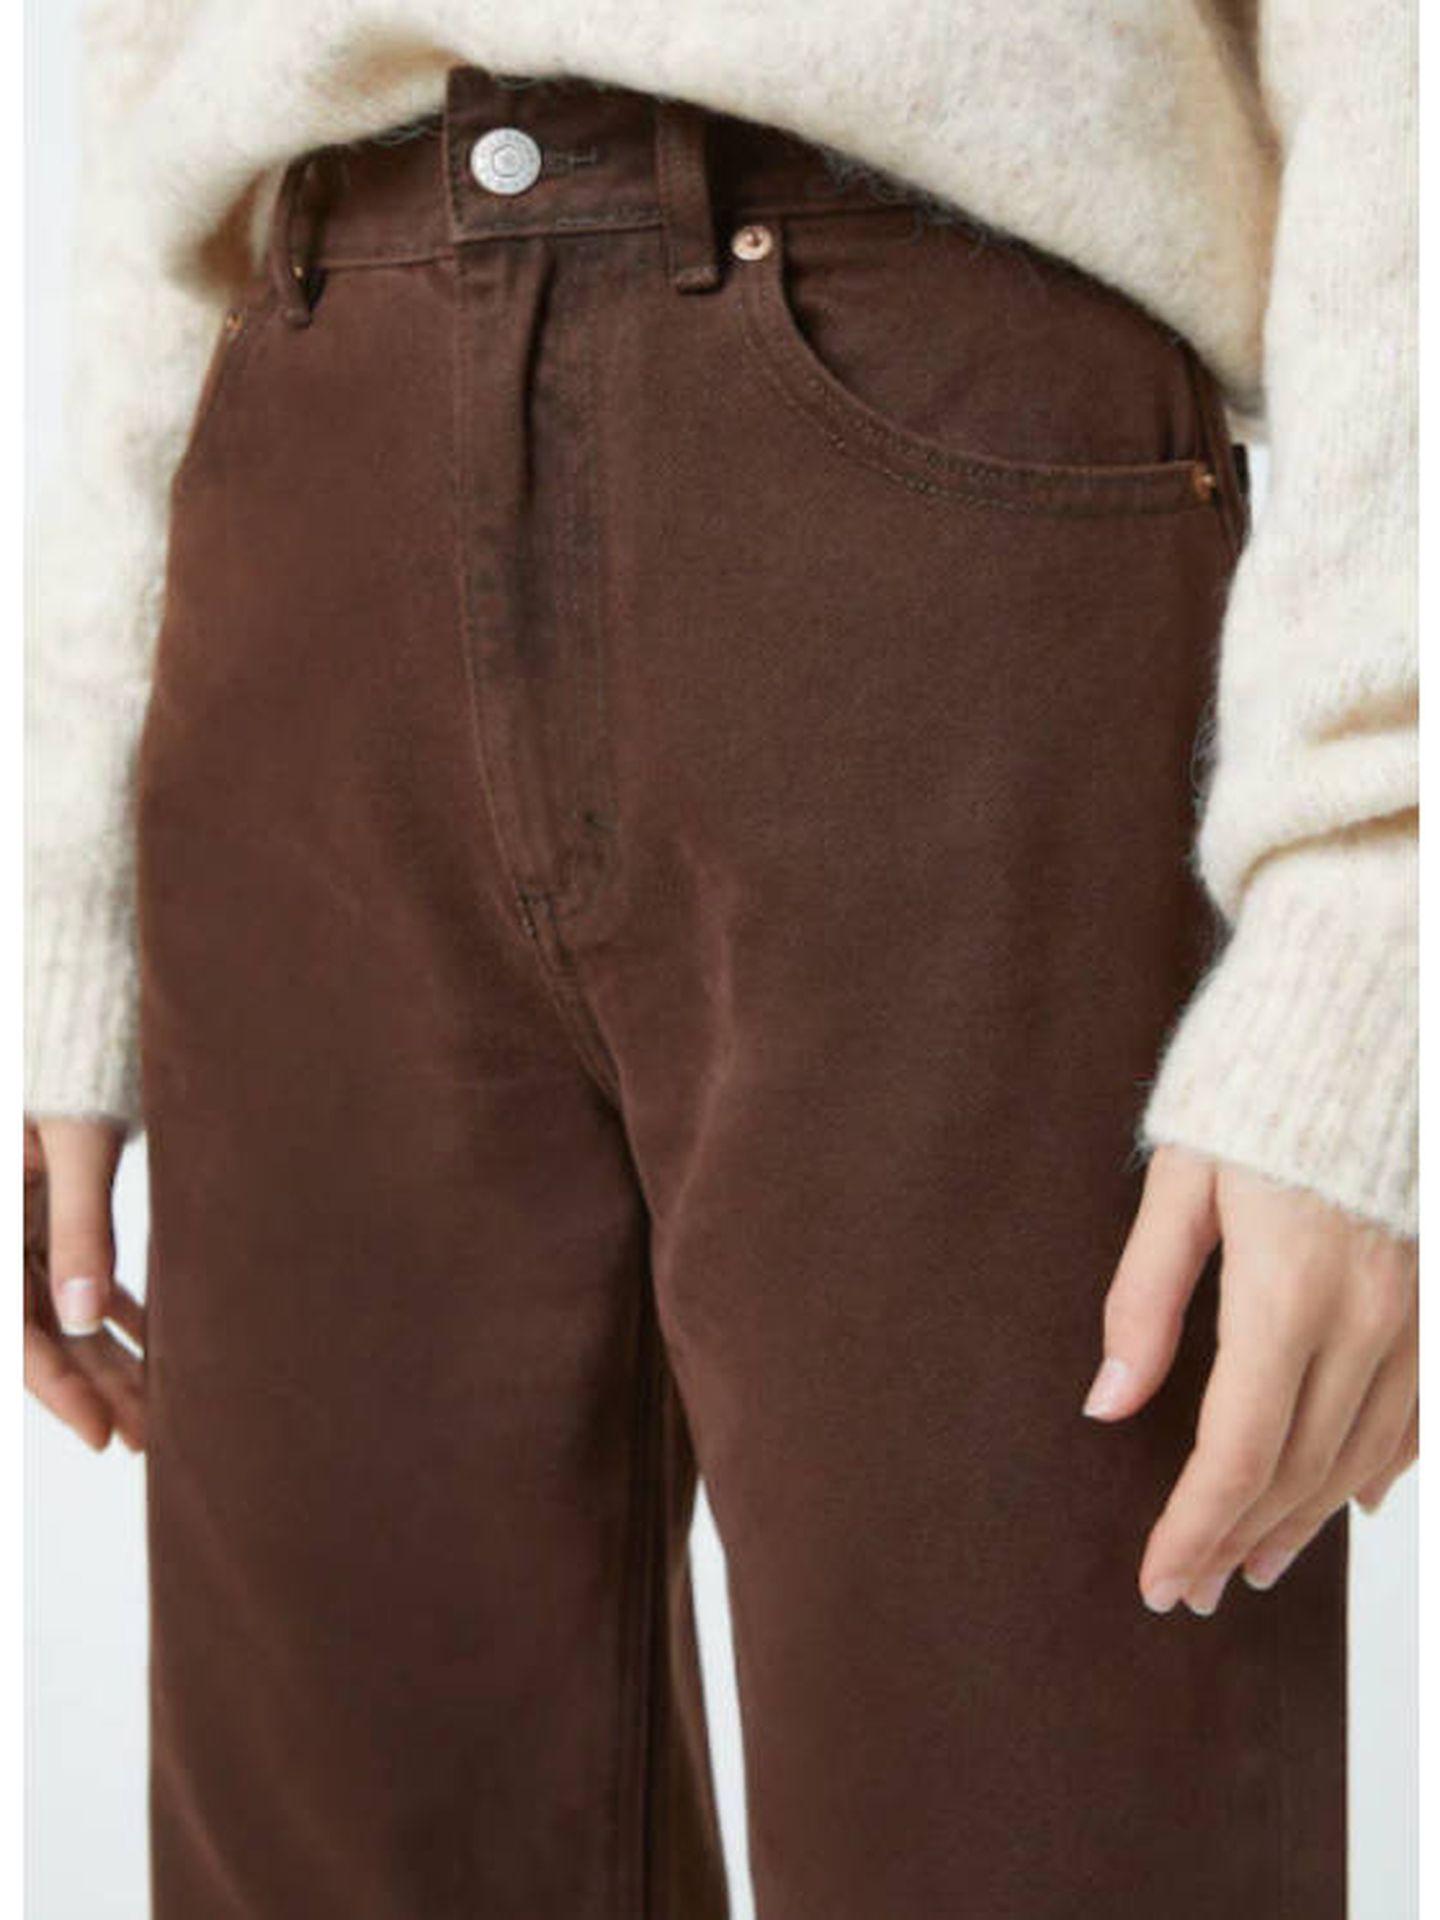 El pantalón de Pull and Bear. (Cortesía)